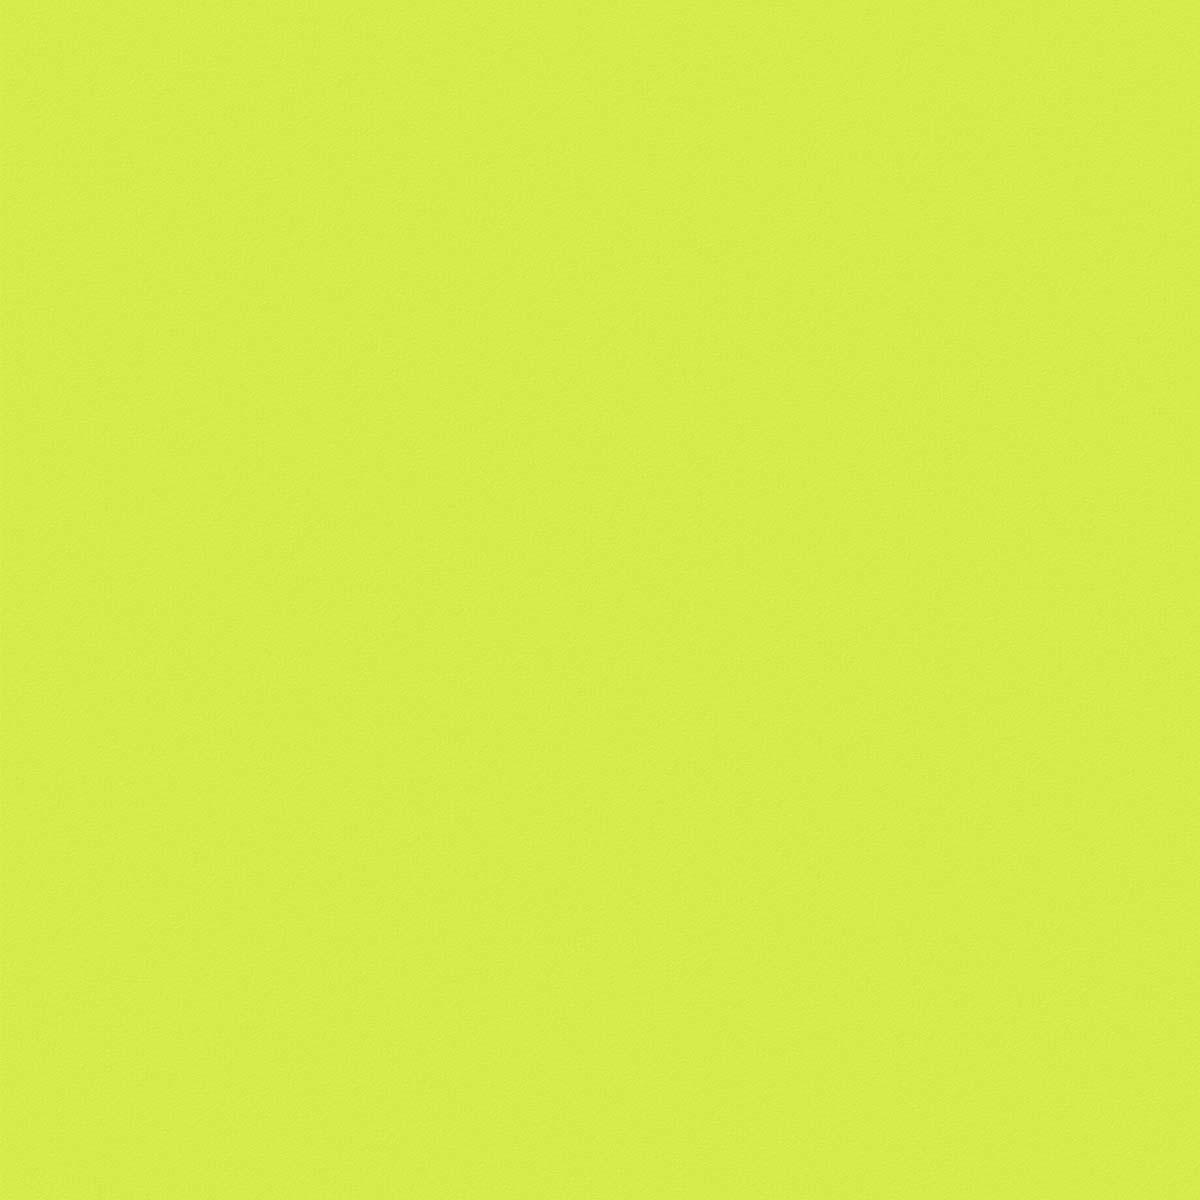 HF1953 PE Lime